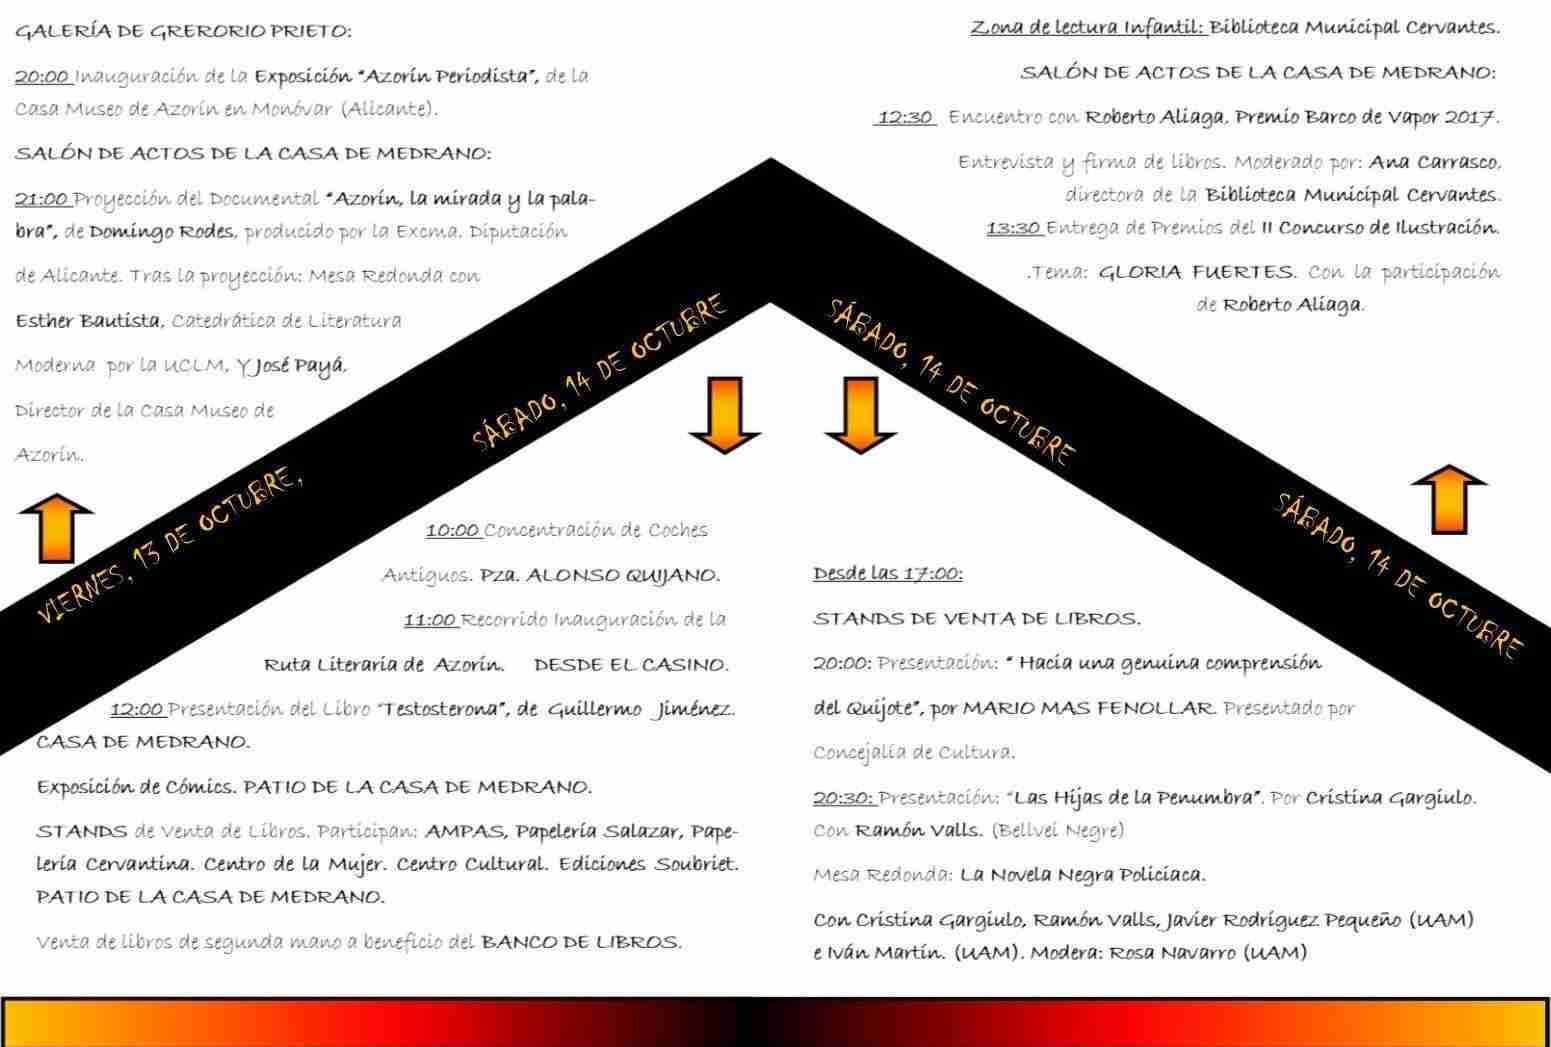 """Jornadas """"Cincuenta aniversario de la muerte de Azorín"""" este fin de semana en Argamasilla de Alba 6"""